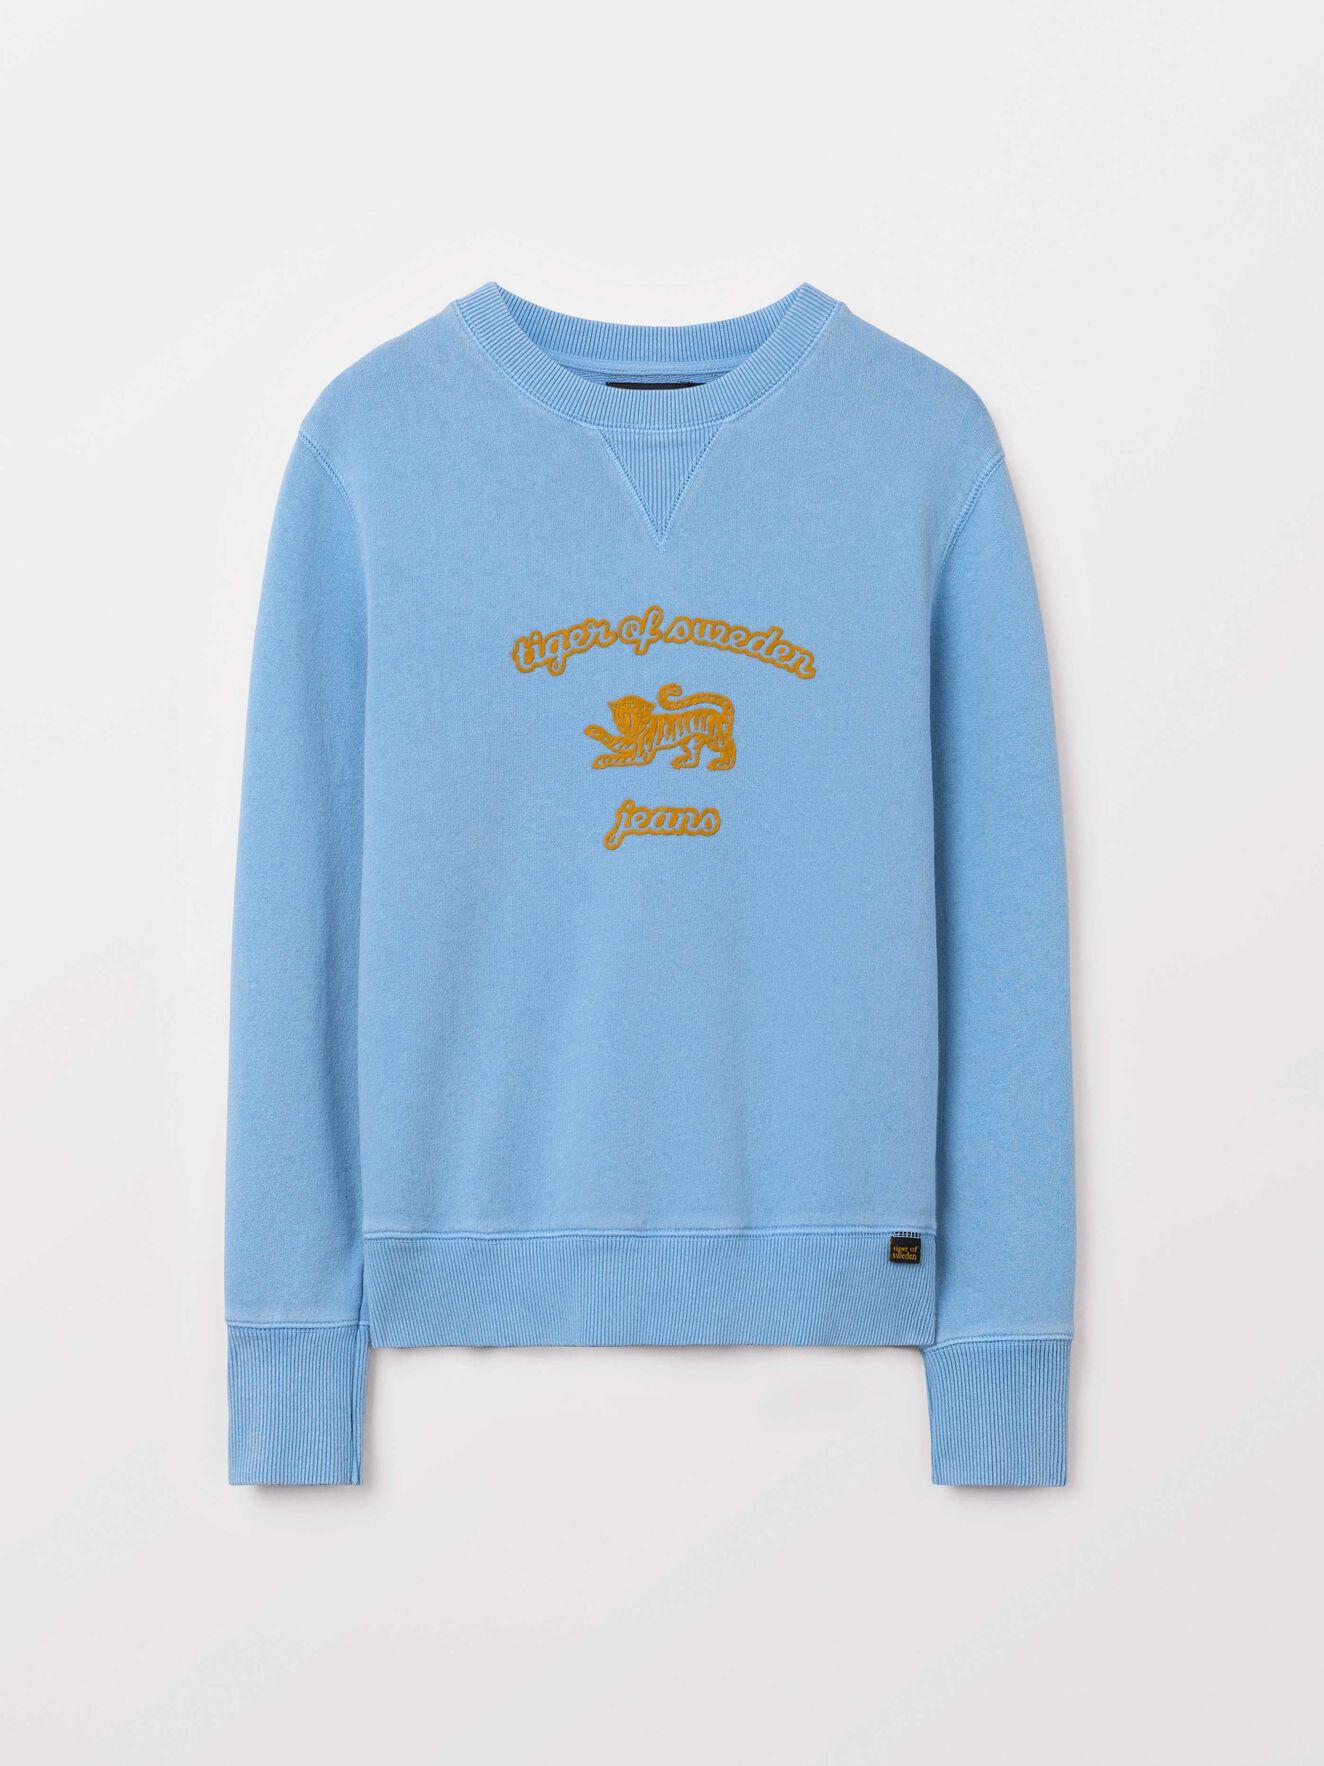 Obscura Pr Sweatshirt in True Sailor from Tiger of Sweden